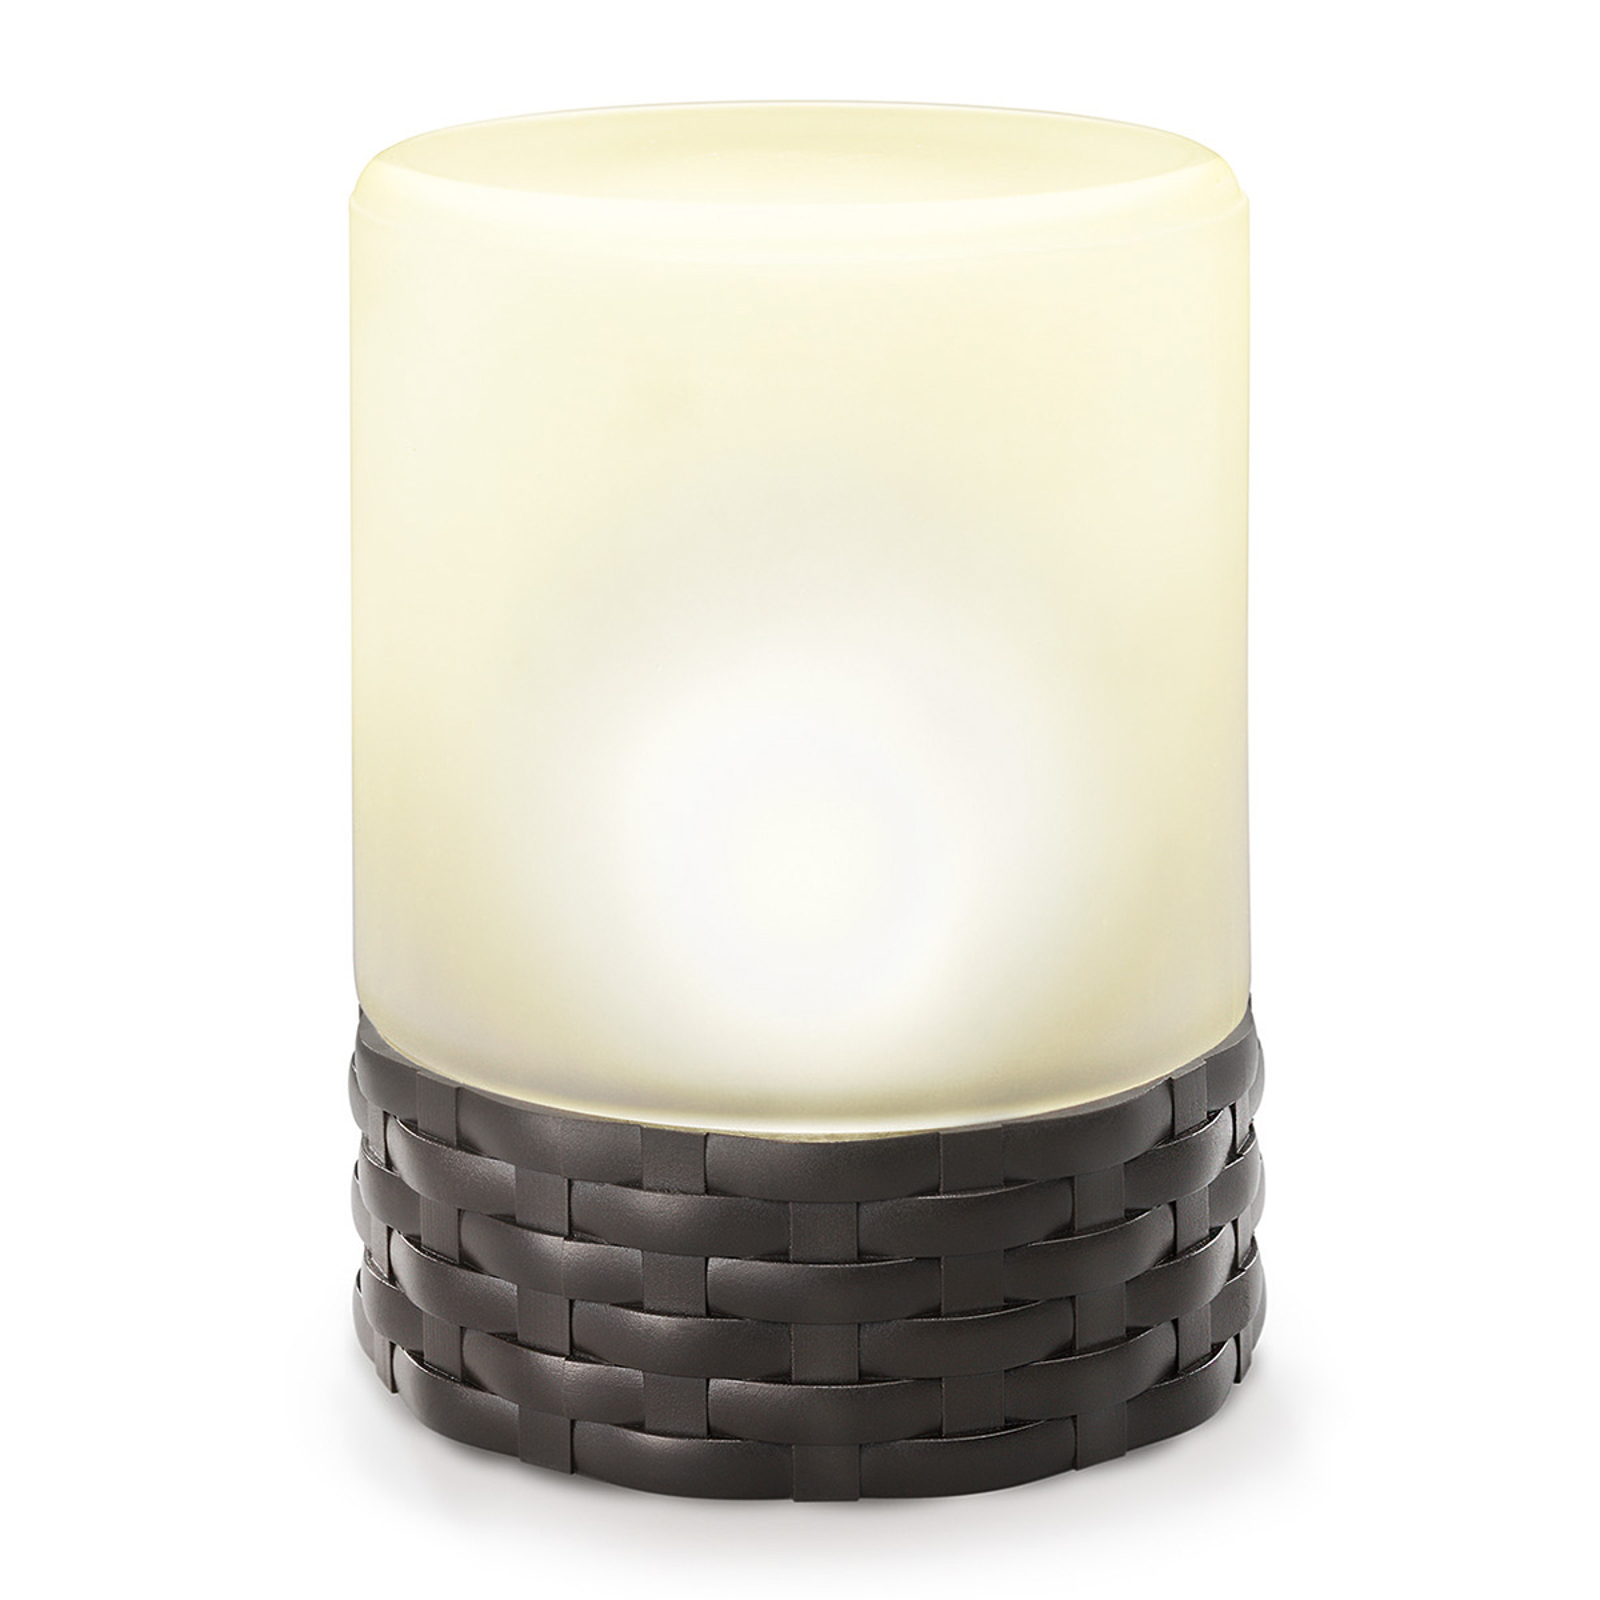 Cloe - aurinkokäyttöinen LED-valaisin